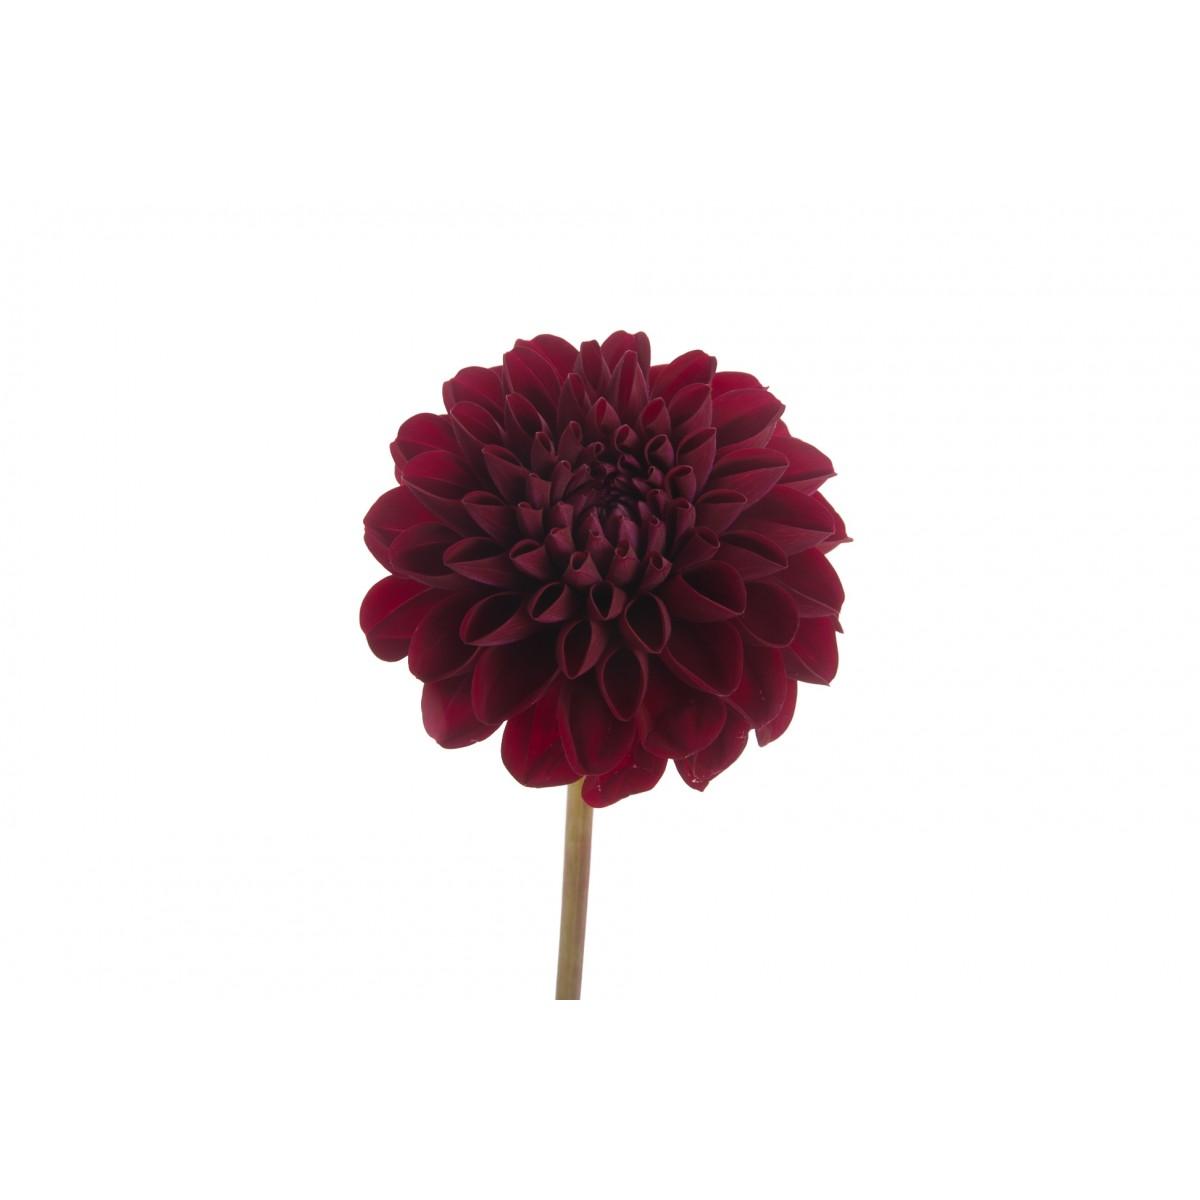 burgundy-dahlia-flower-2.jpg